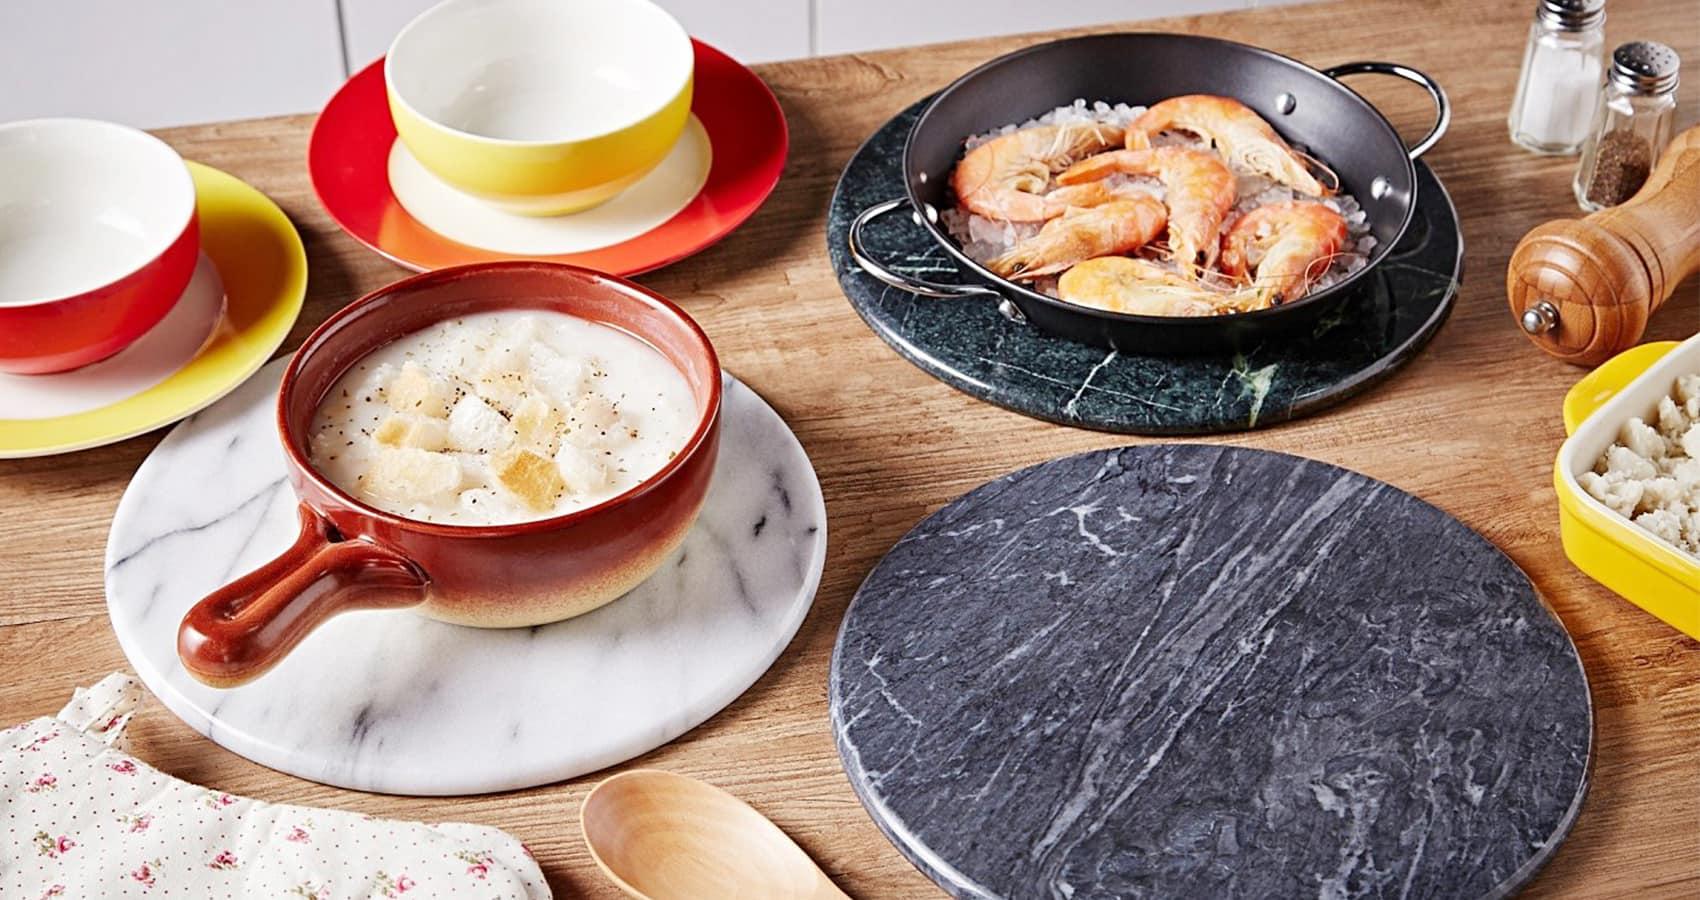 JEmarble 大理石廚房居家用品